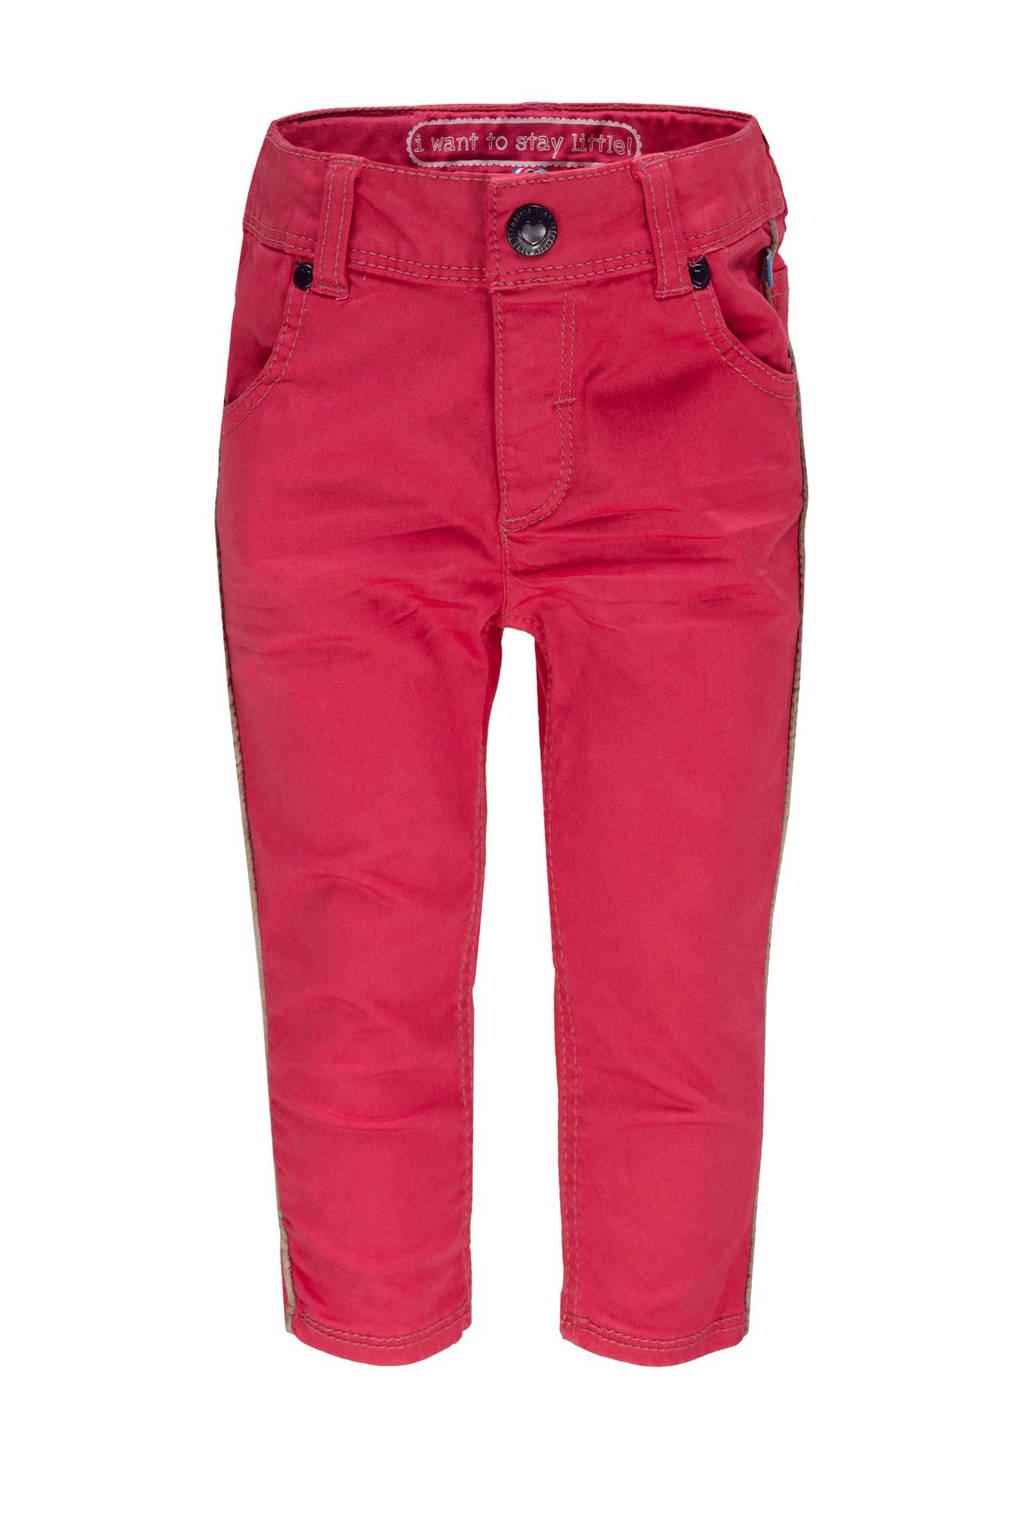 lief! broek roze, azalea|pink